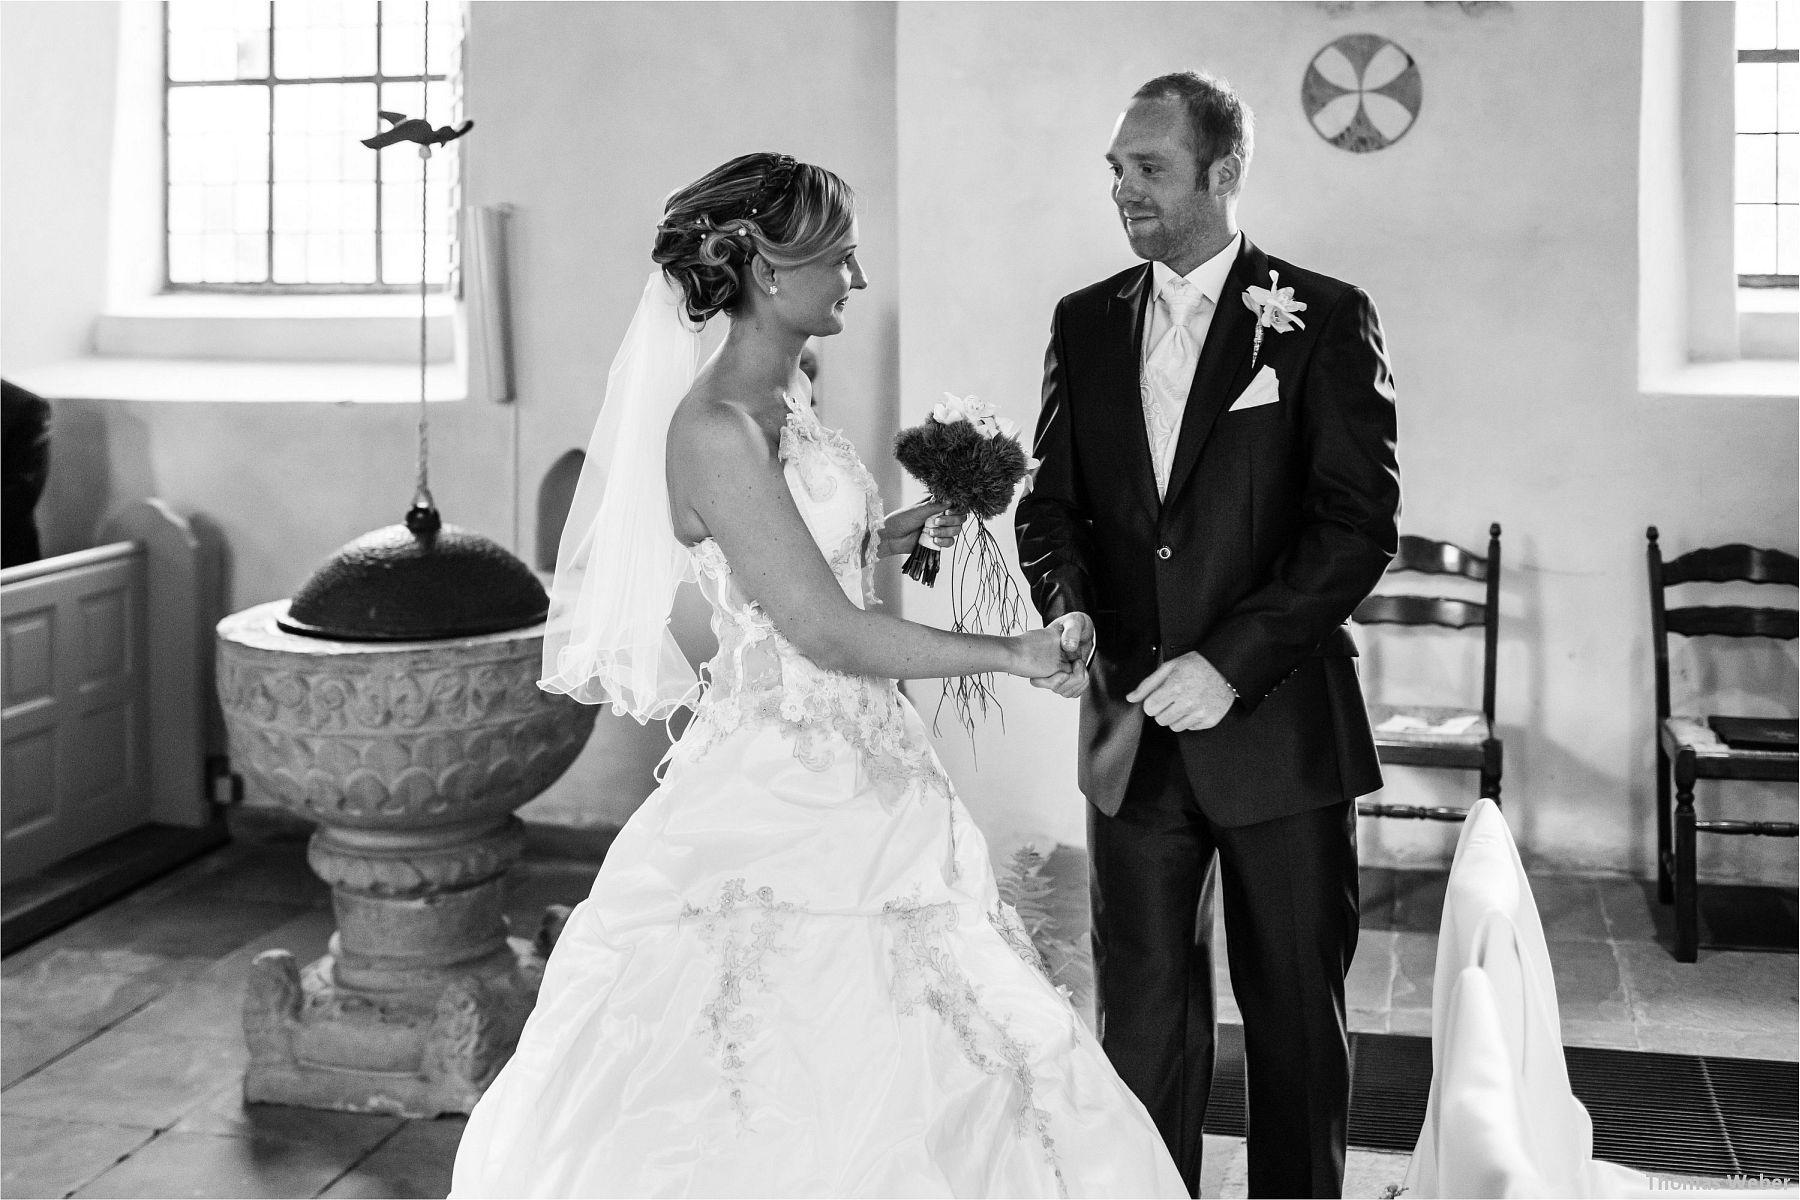 Hochzeitsfotograf Papenburg: Standesamtliche Trauung auf der Burg Kniphausen und Feier im Le Patron am Meer (32)